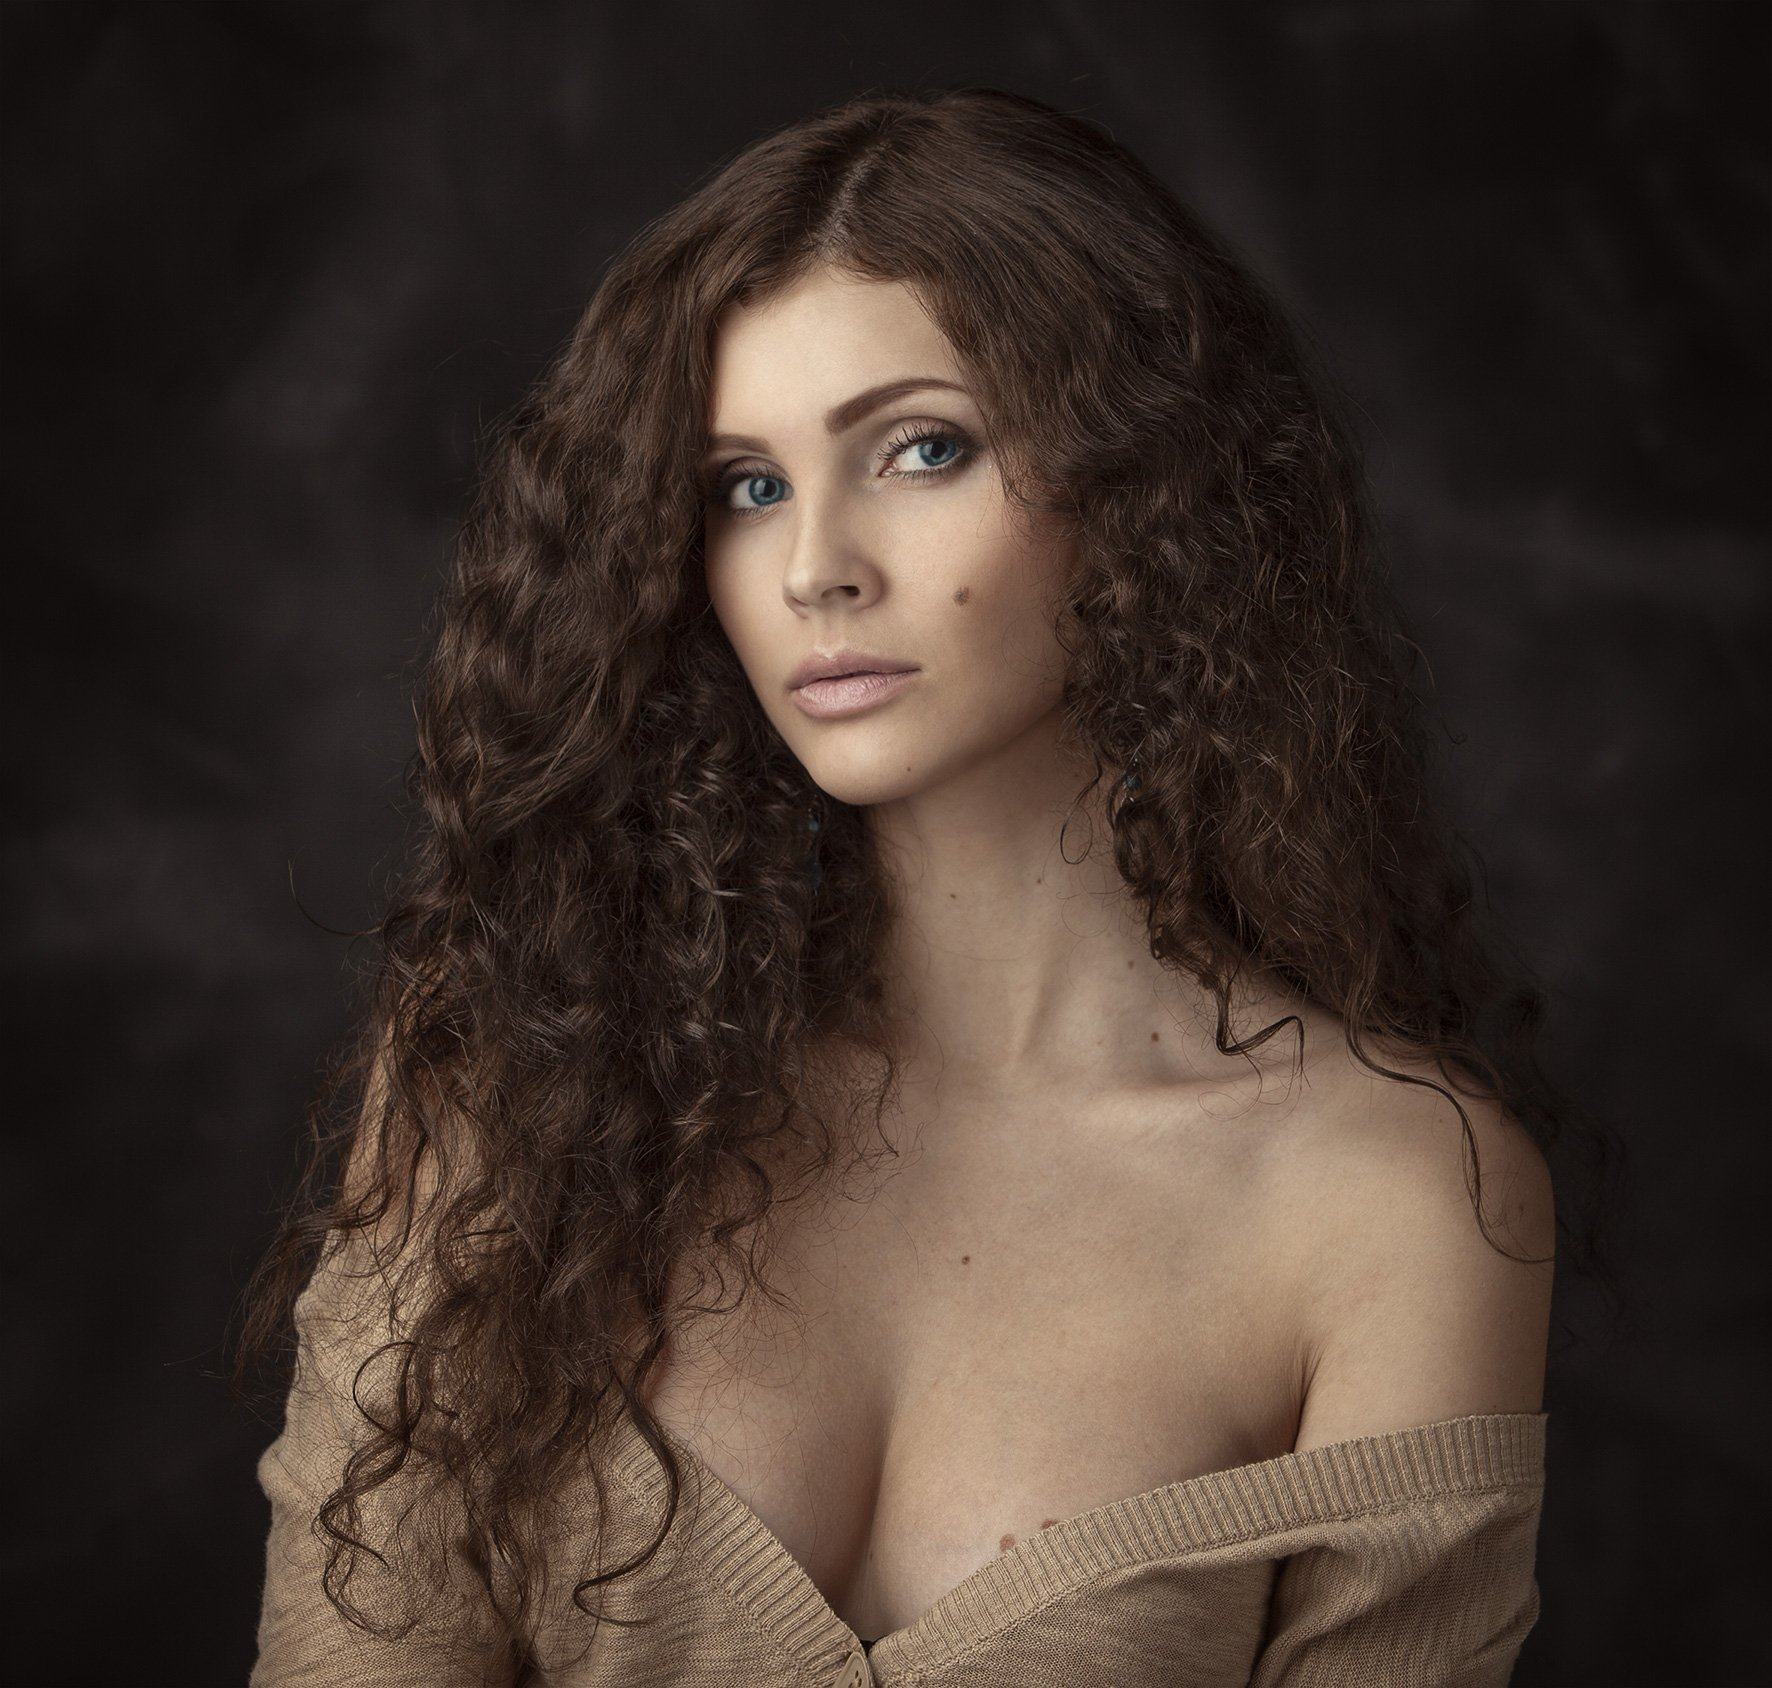 портрет,девушка,2014,студия, Бутвиловский Дмитрий